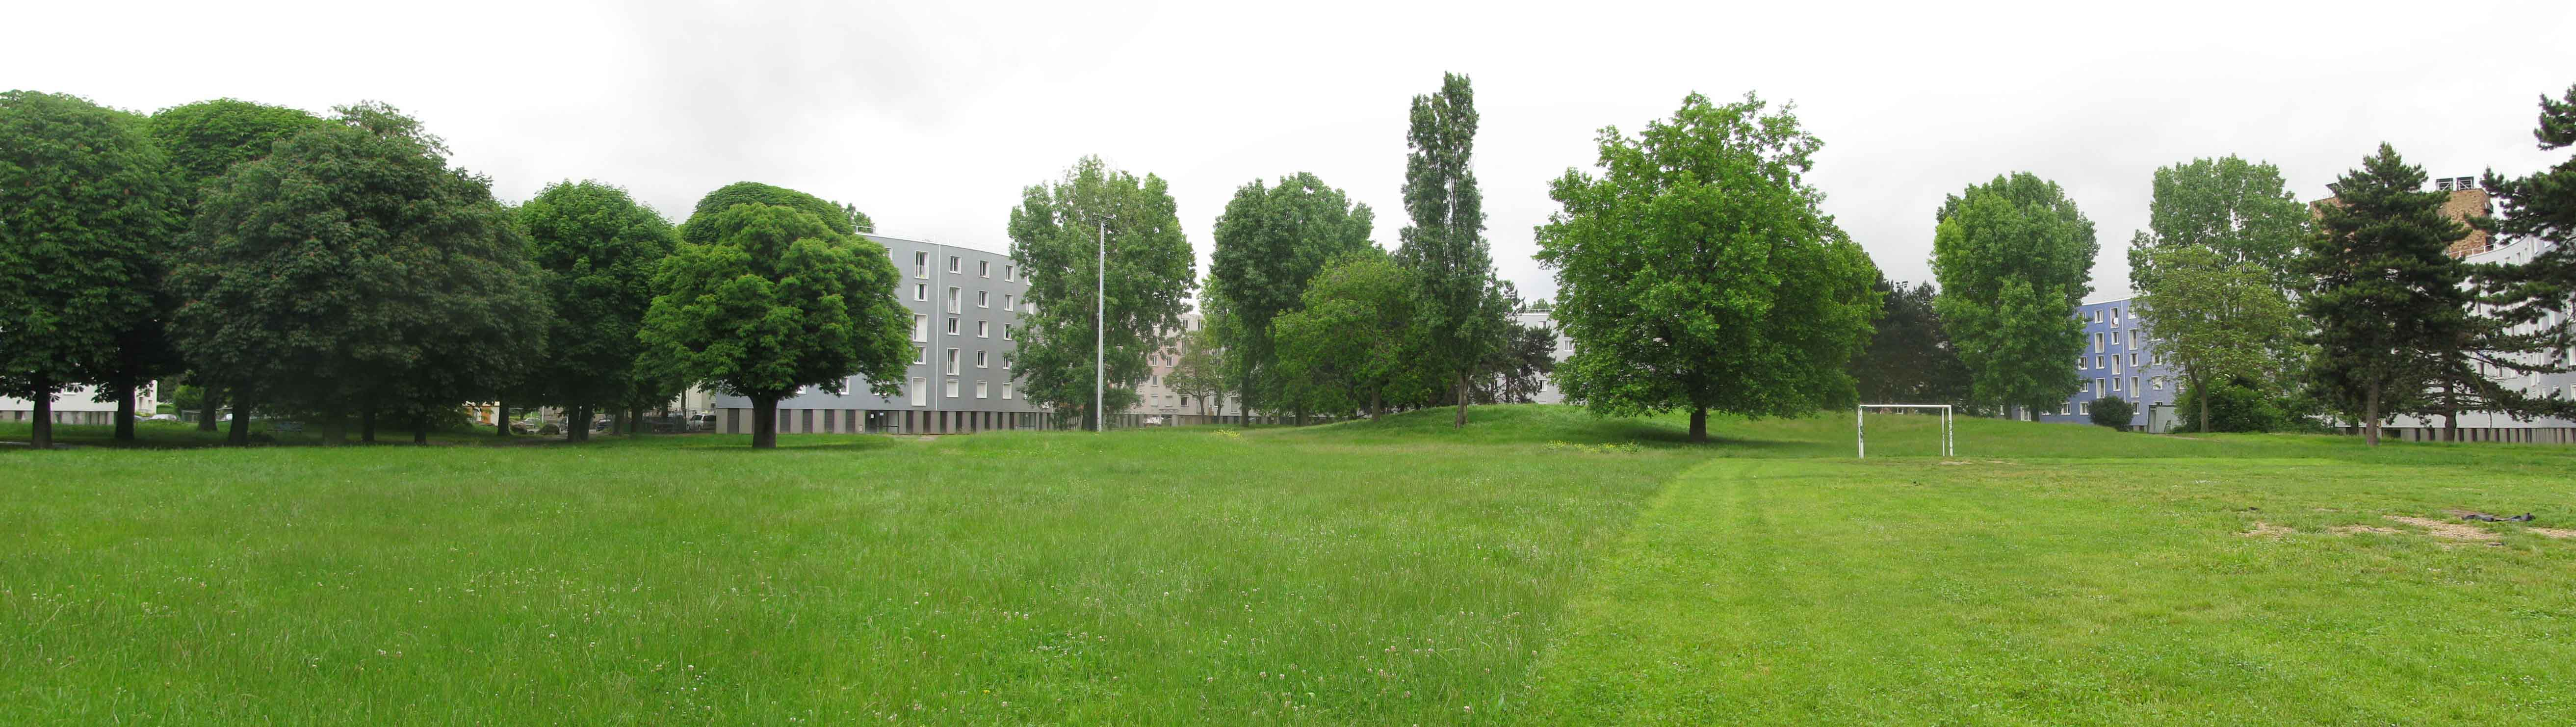 renovation urbaine bobigny